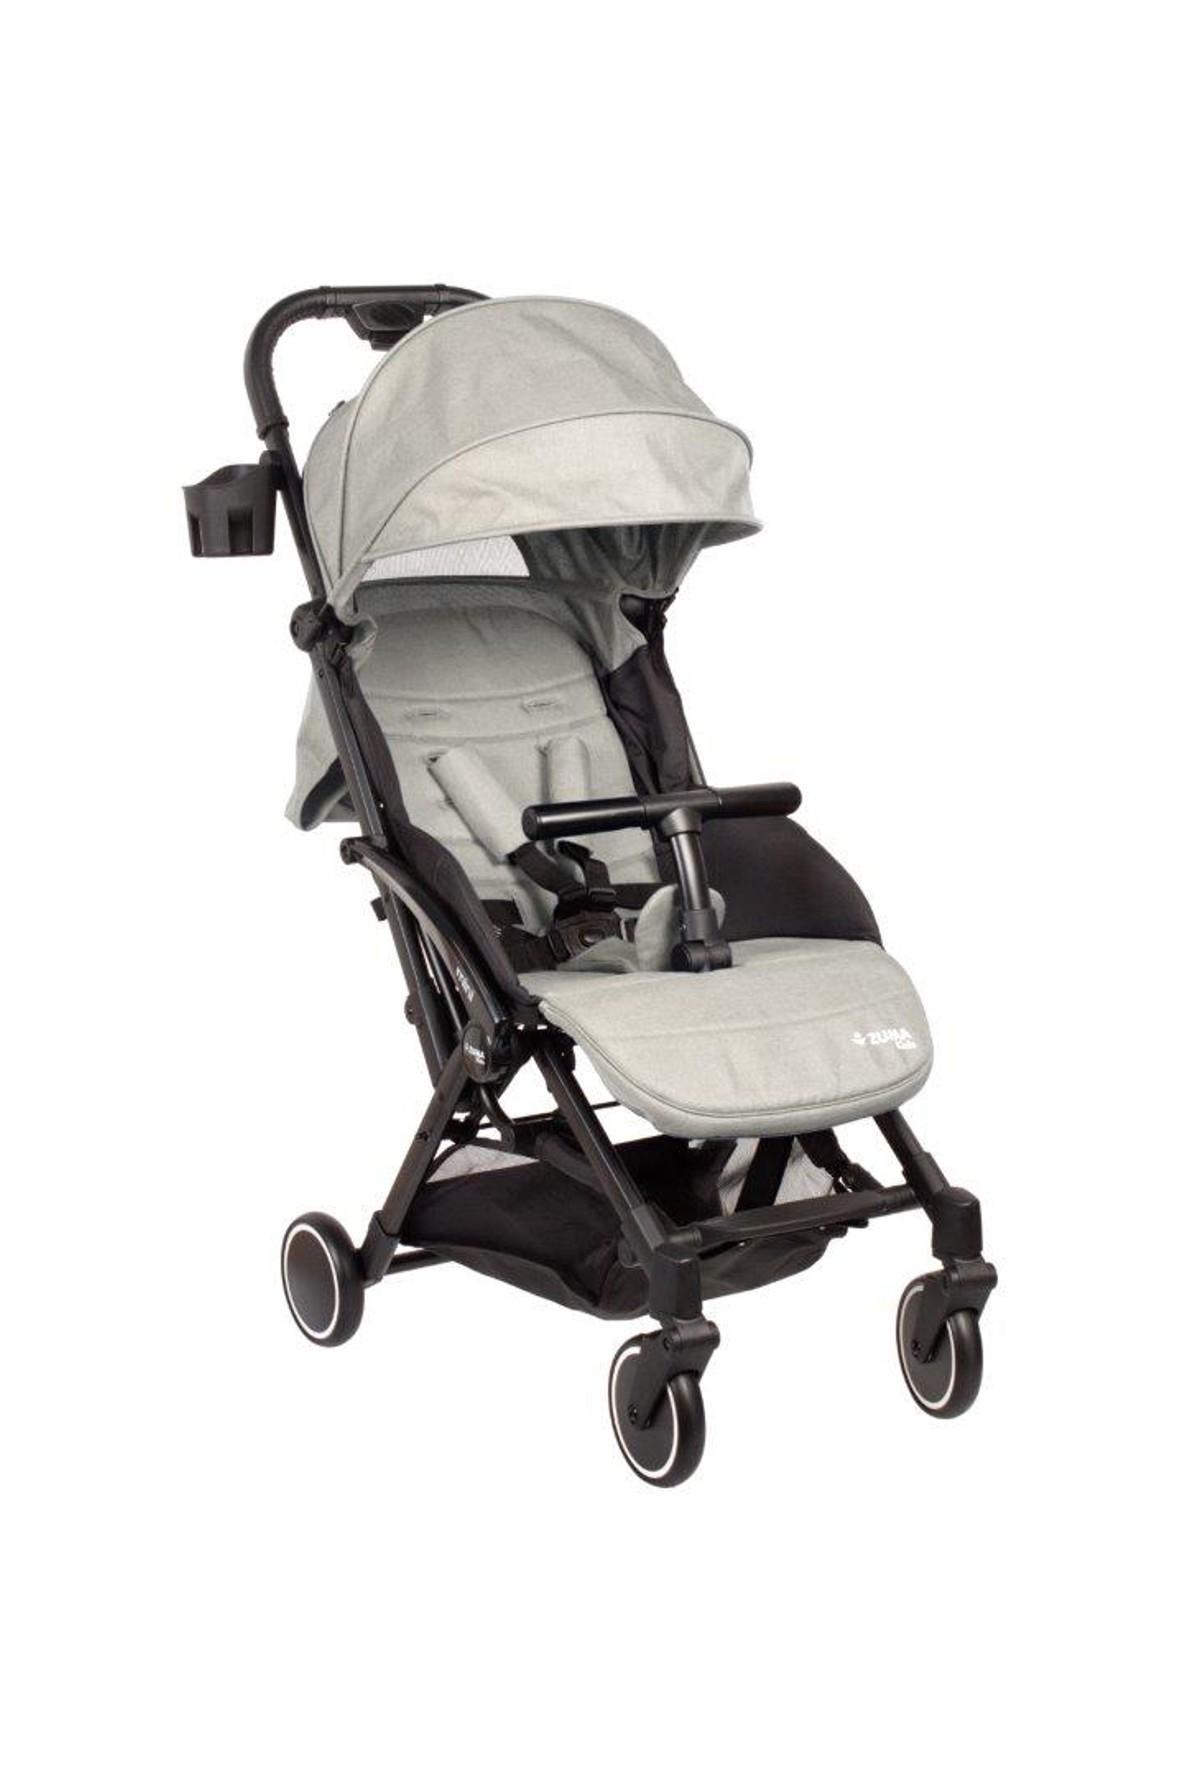 Wózek spacerowy Zuma Kids Mini-beżowy 6-36msc